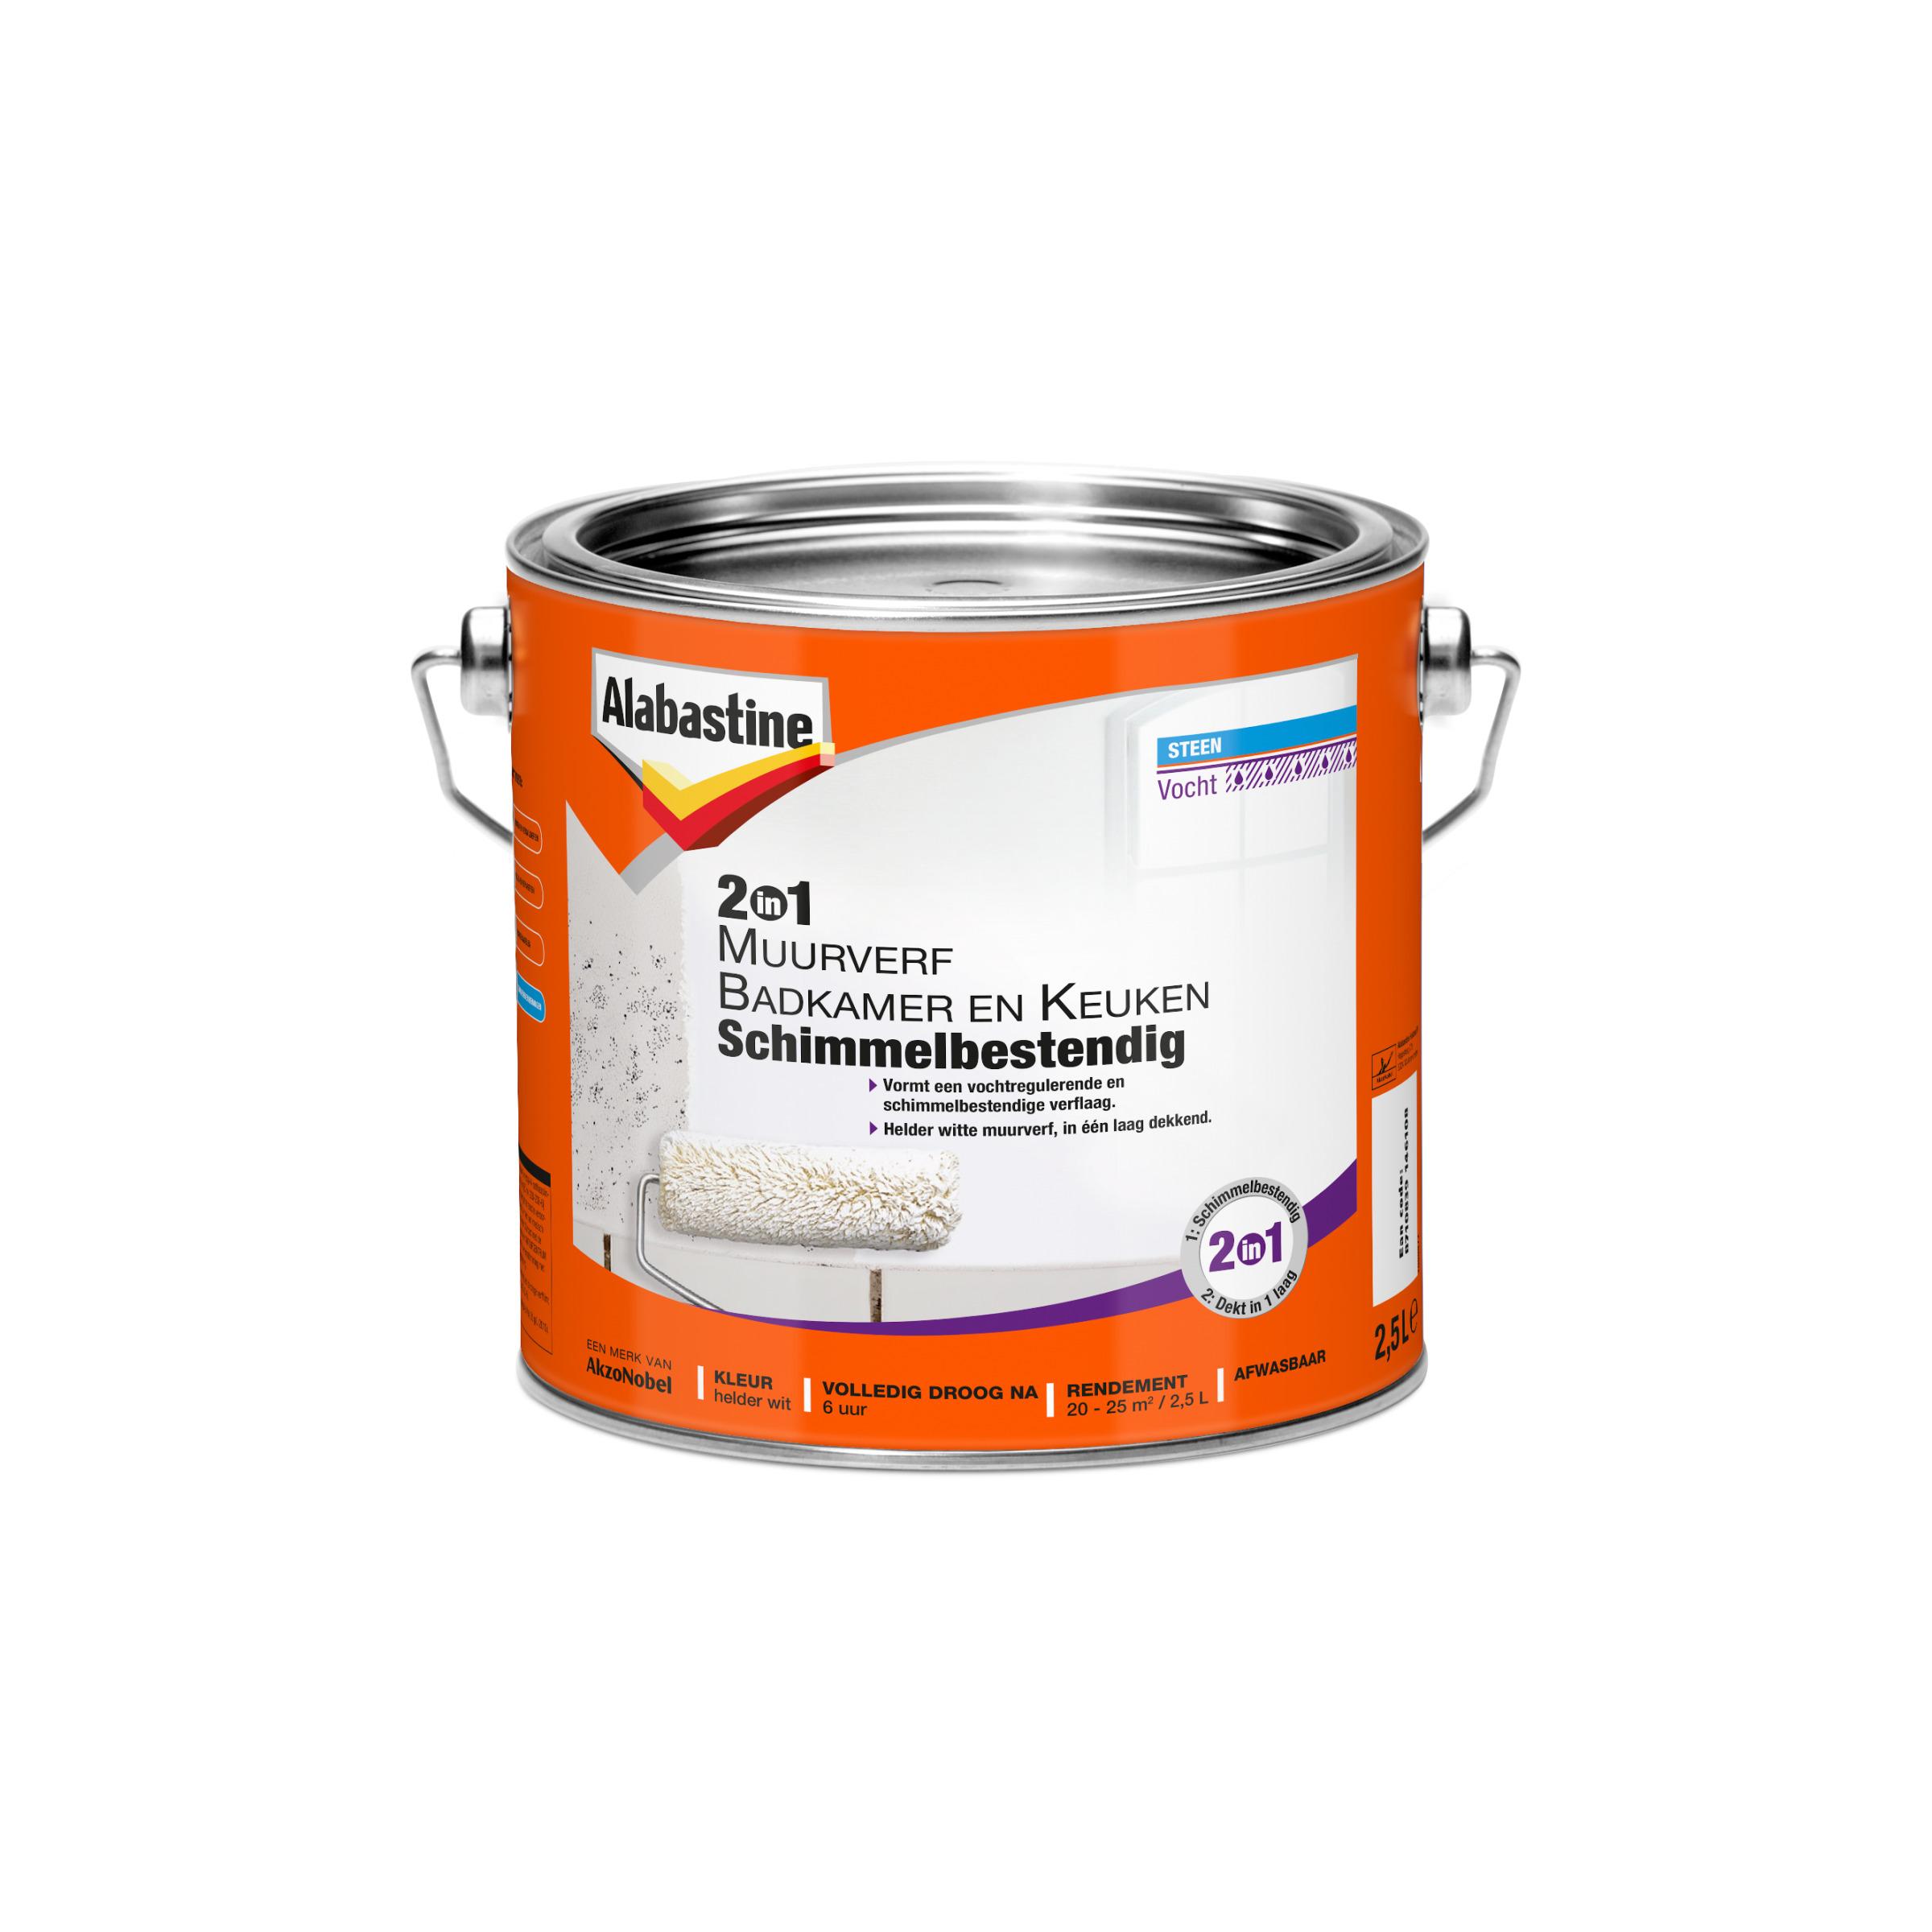 Alabastine muurverf 2-in-1 badkamer en keuken 2,5 l